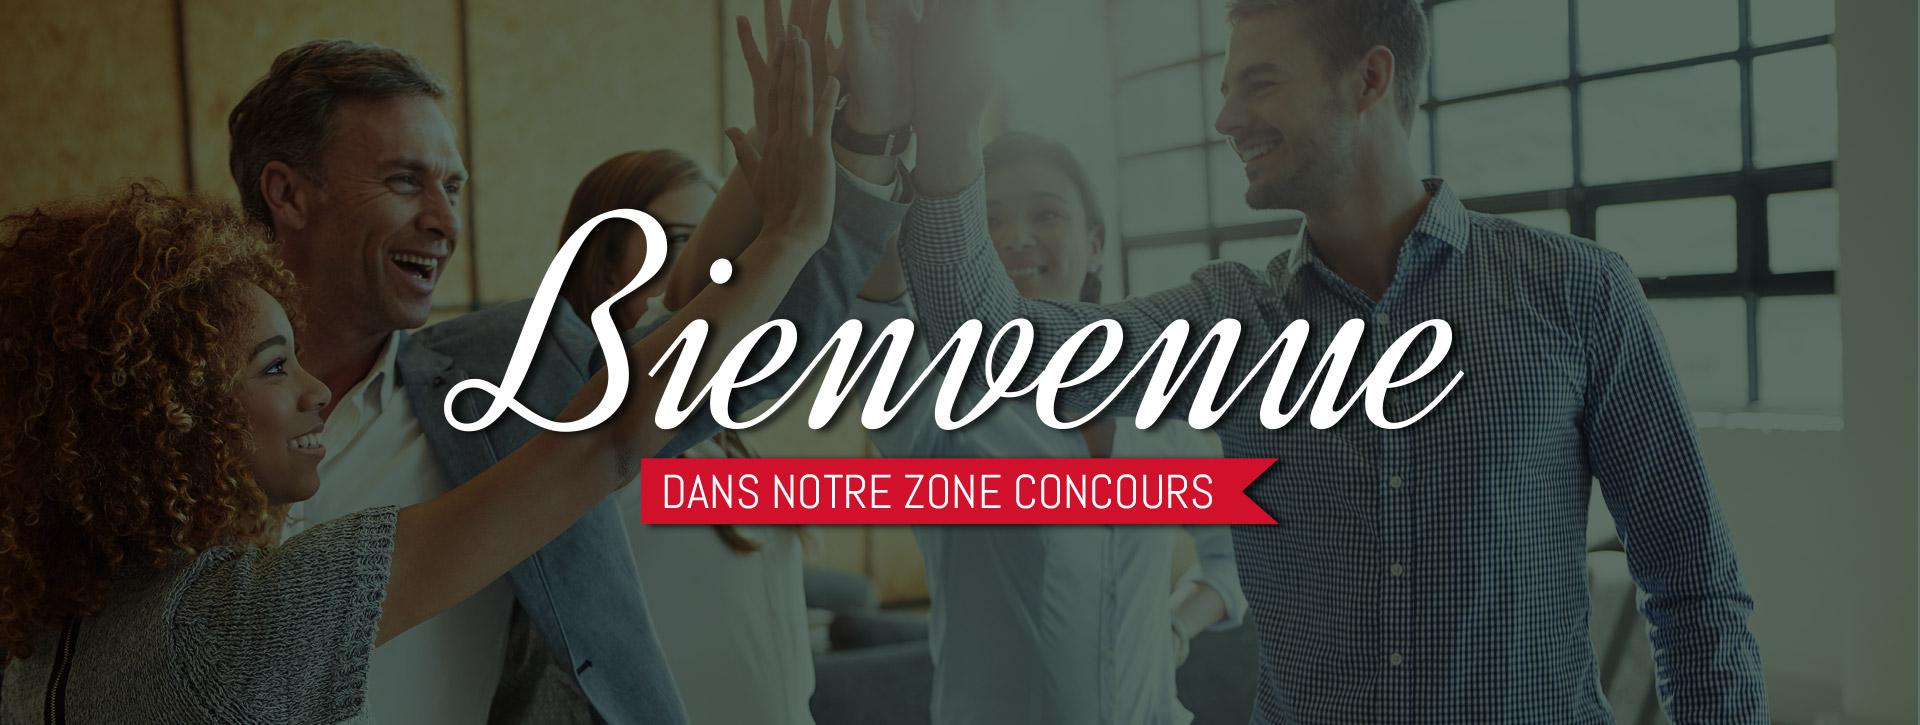 Daoust-poitras-notaire-joliette-concours-mobile